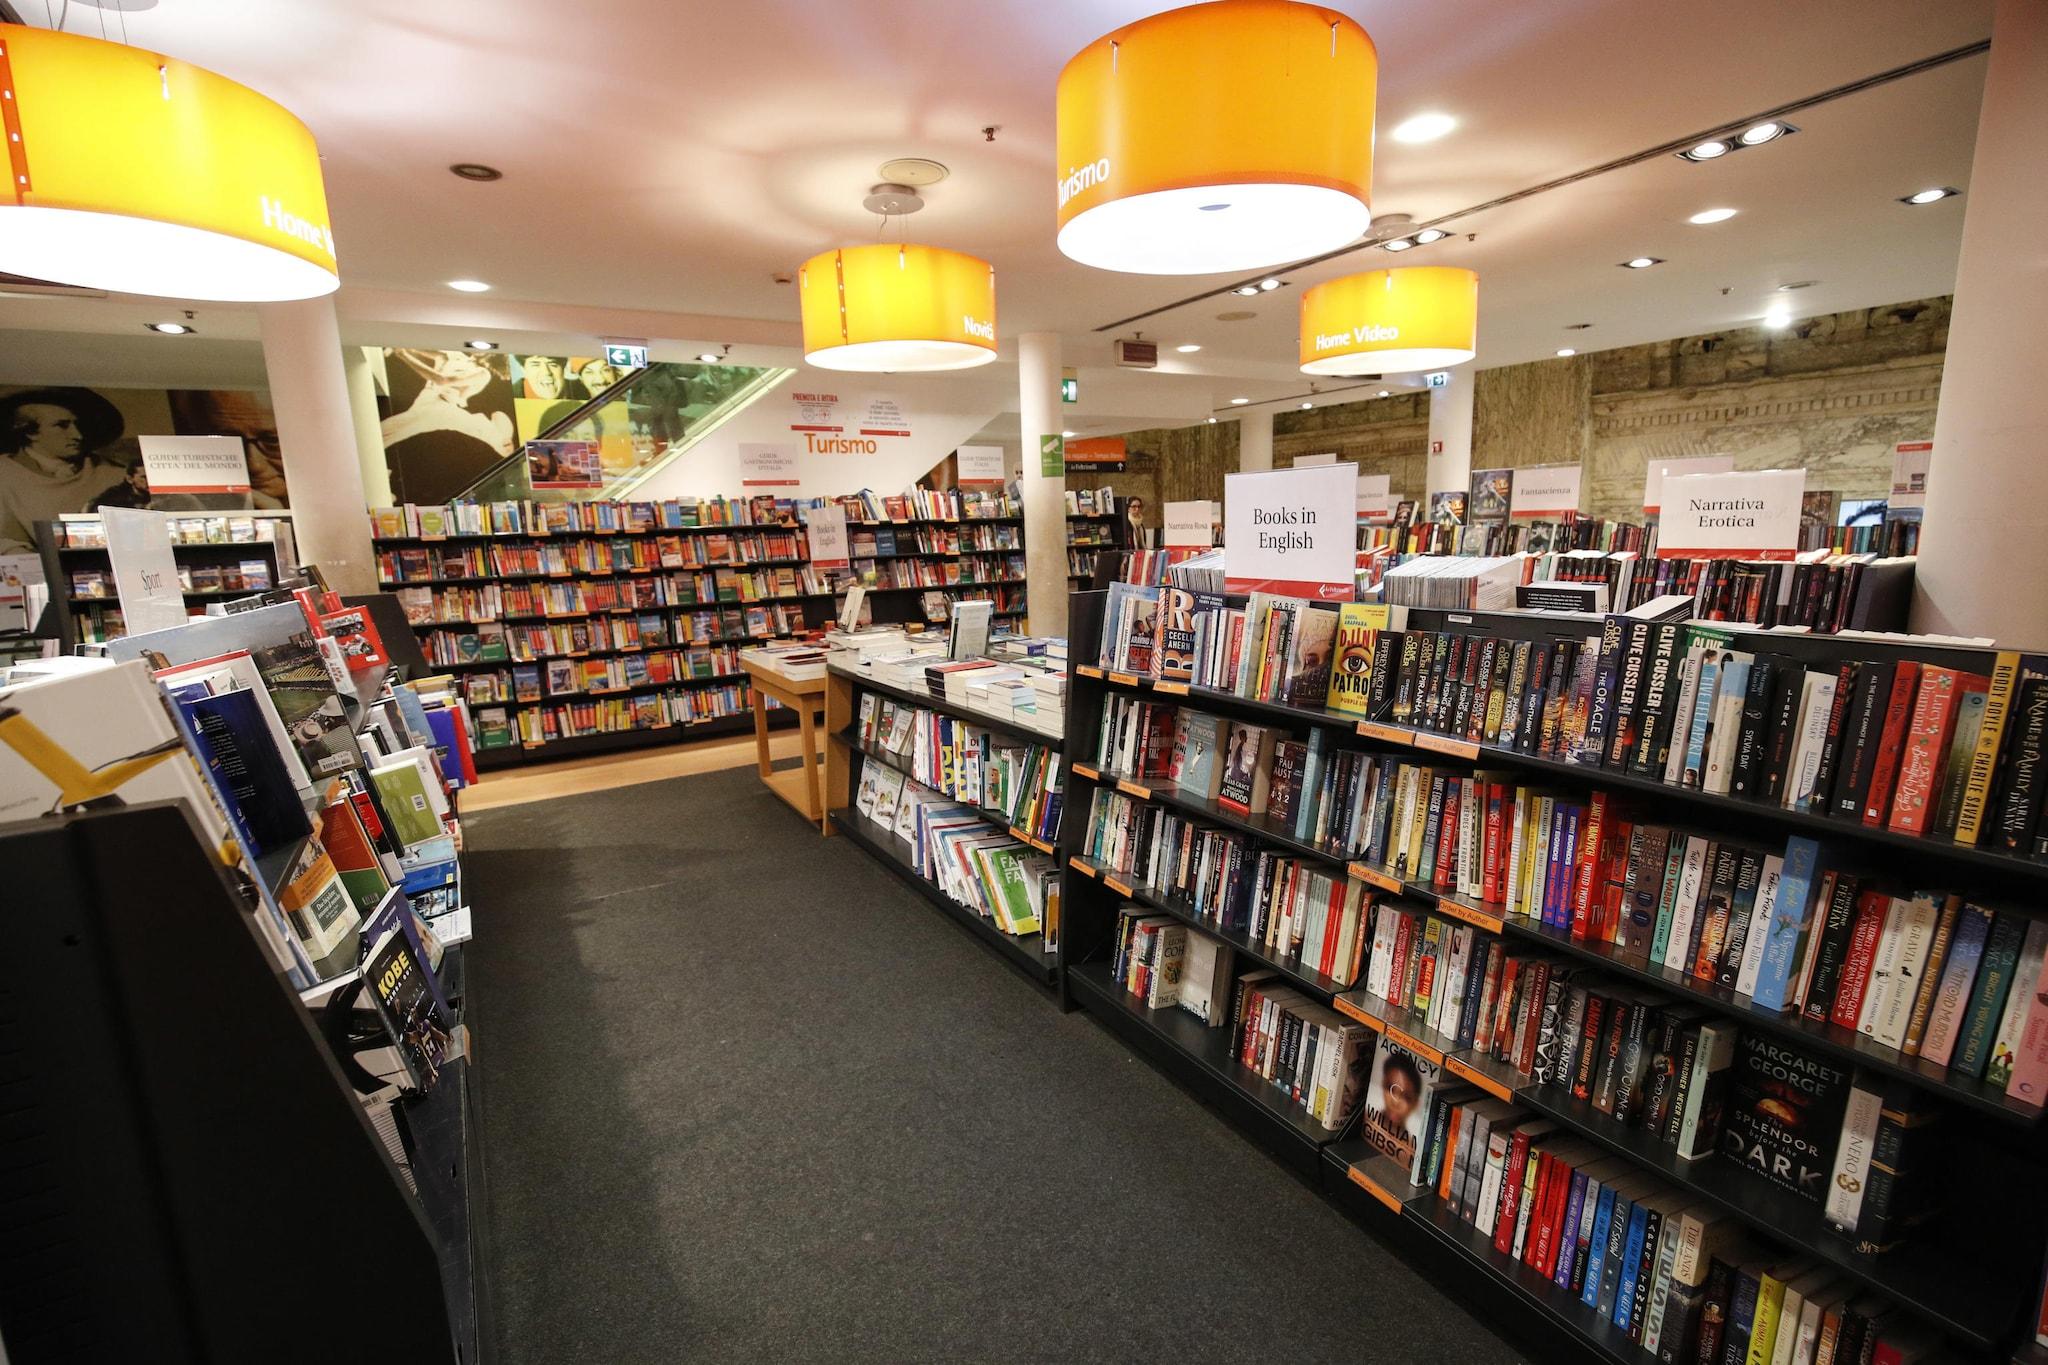 Libreria A Porta Di Roma orari e staff ridotti, consegne a domicilio: così